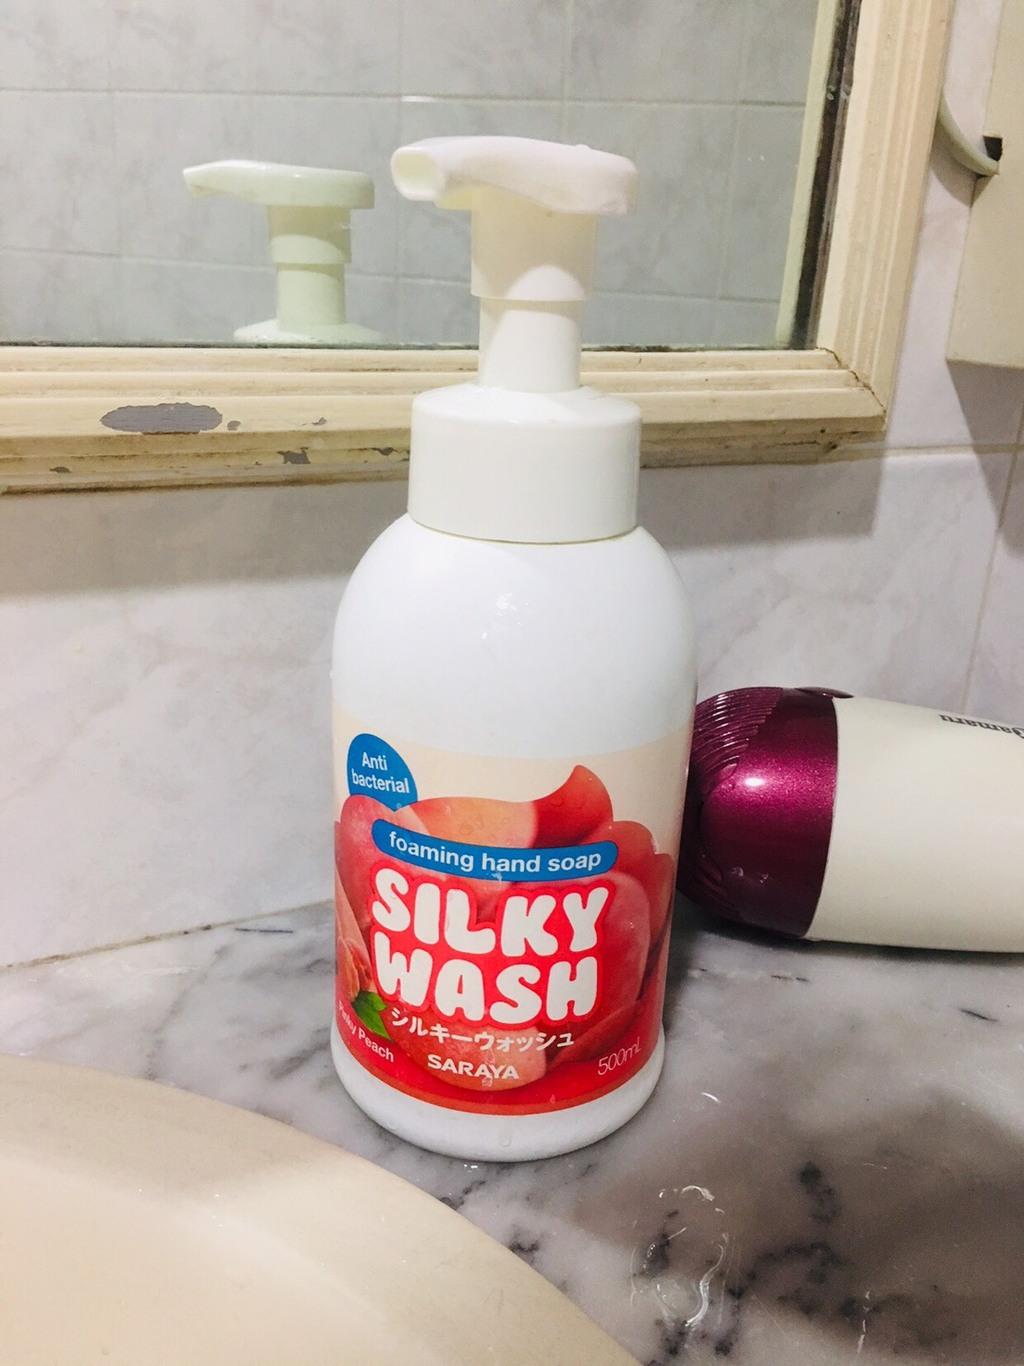 Silky Wash Pinky Peach Set สบู่ล้างมือรูปแบบโฟมกลิ่นพิ้งกี้พีช รีวิว